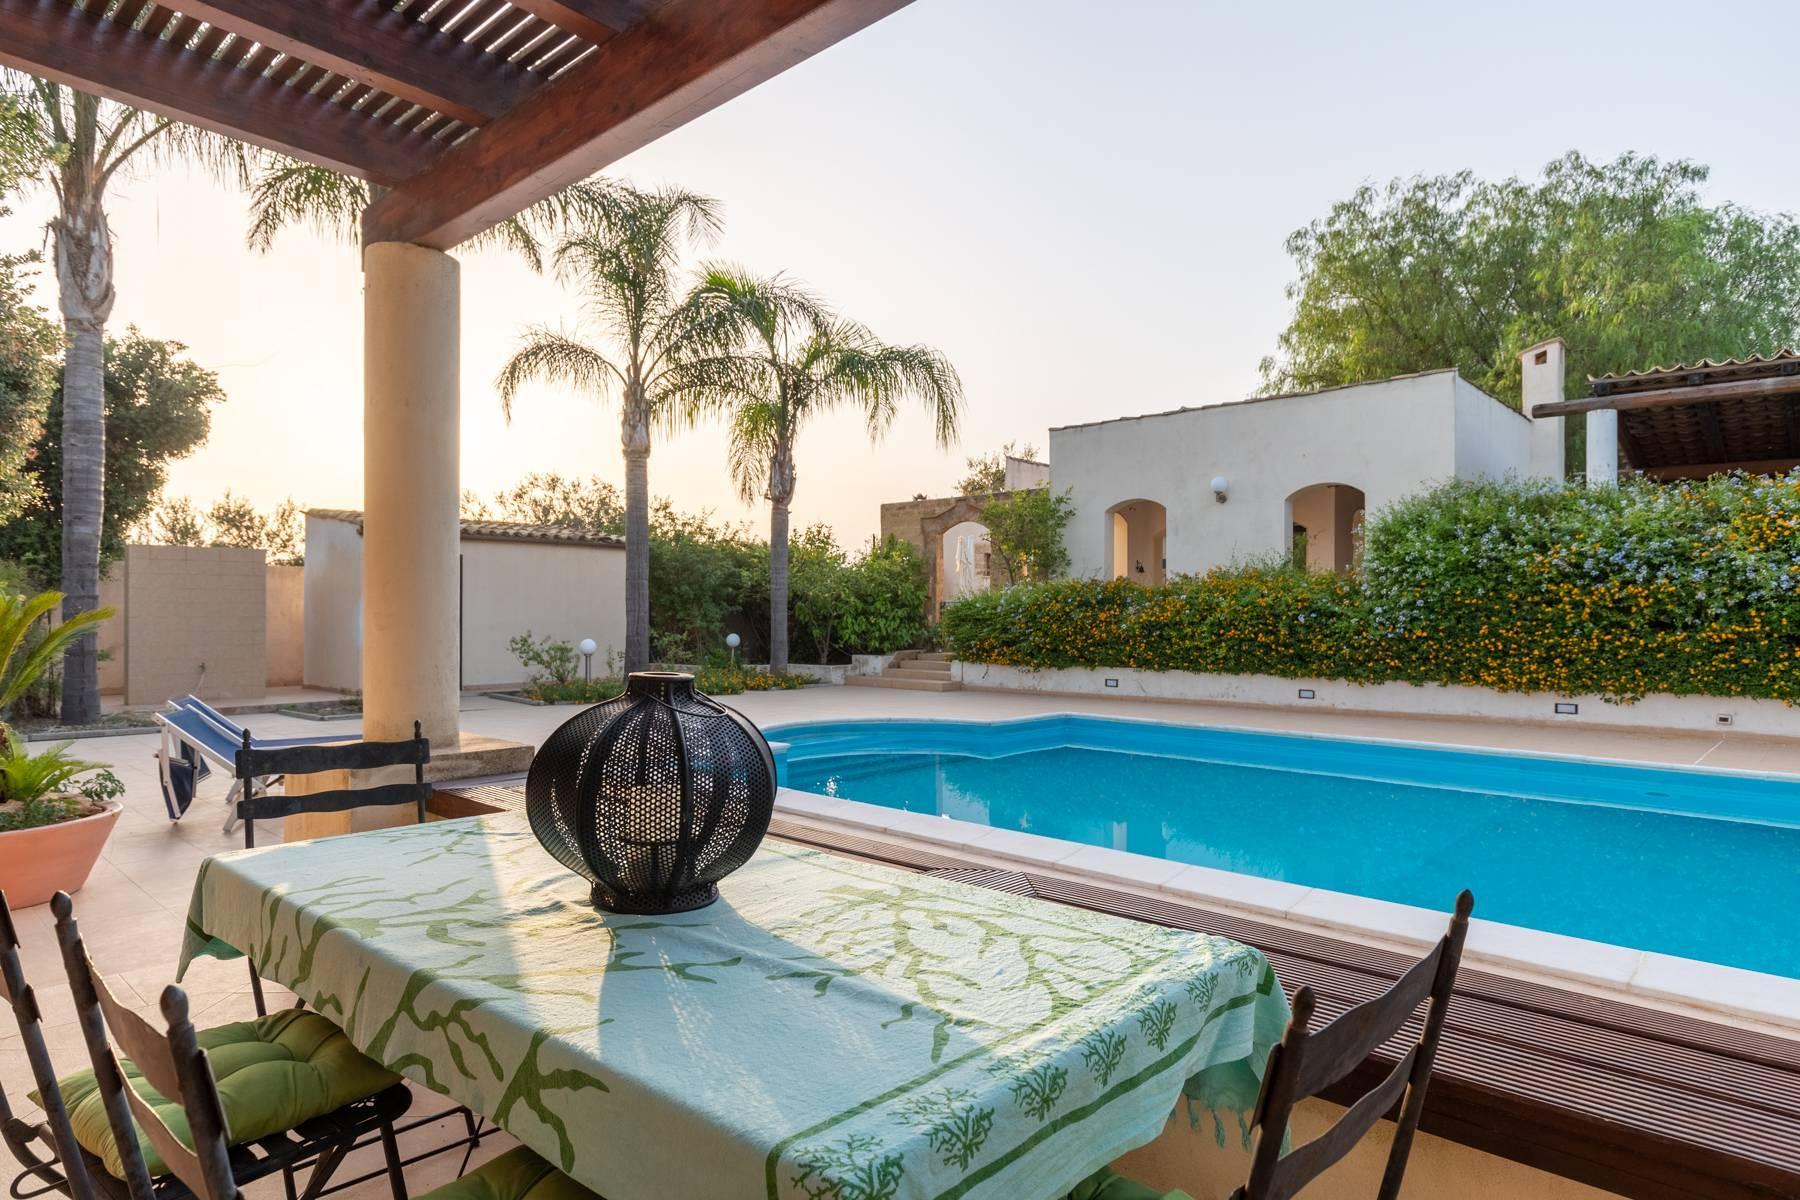 Villa con piscina vicino il parco archeologico di Selinunte - 13